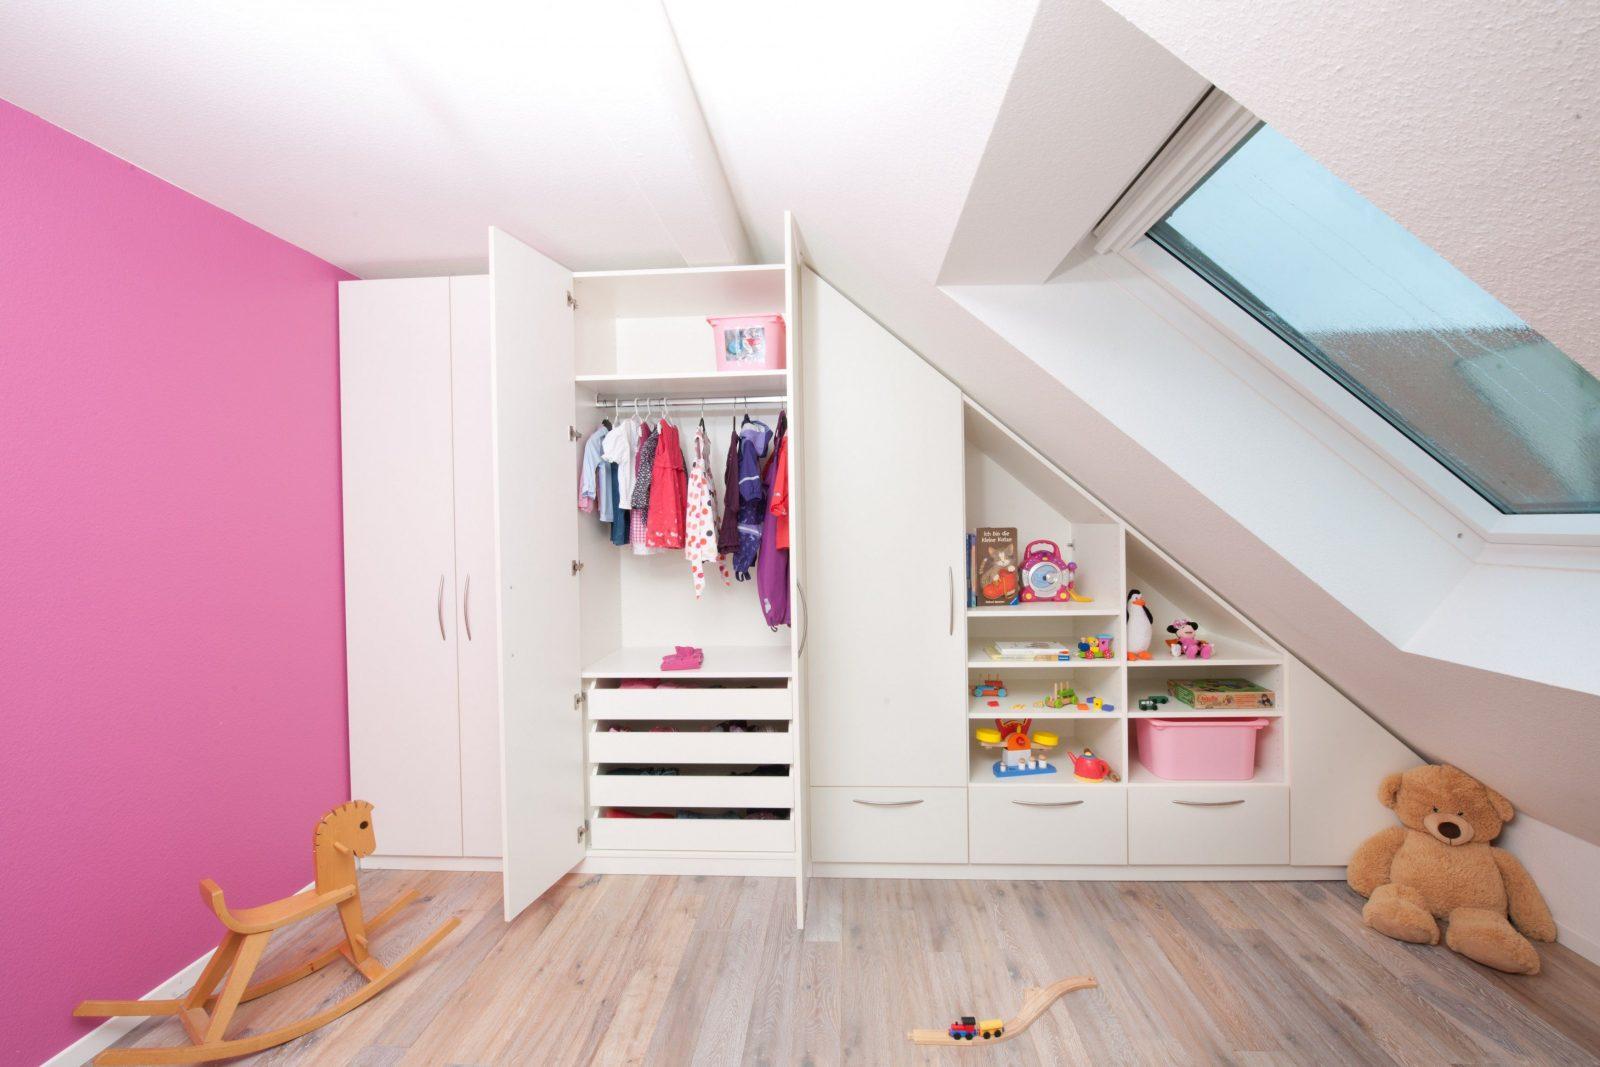 Kleine Küche Dachschräge Awesome Wohnkultur Grau Schlafzimmer von Kleines Kinderzimmer Mit Dachschräge Photo